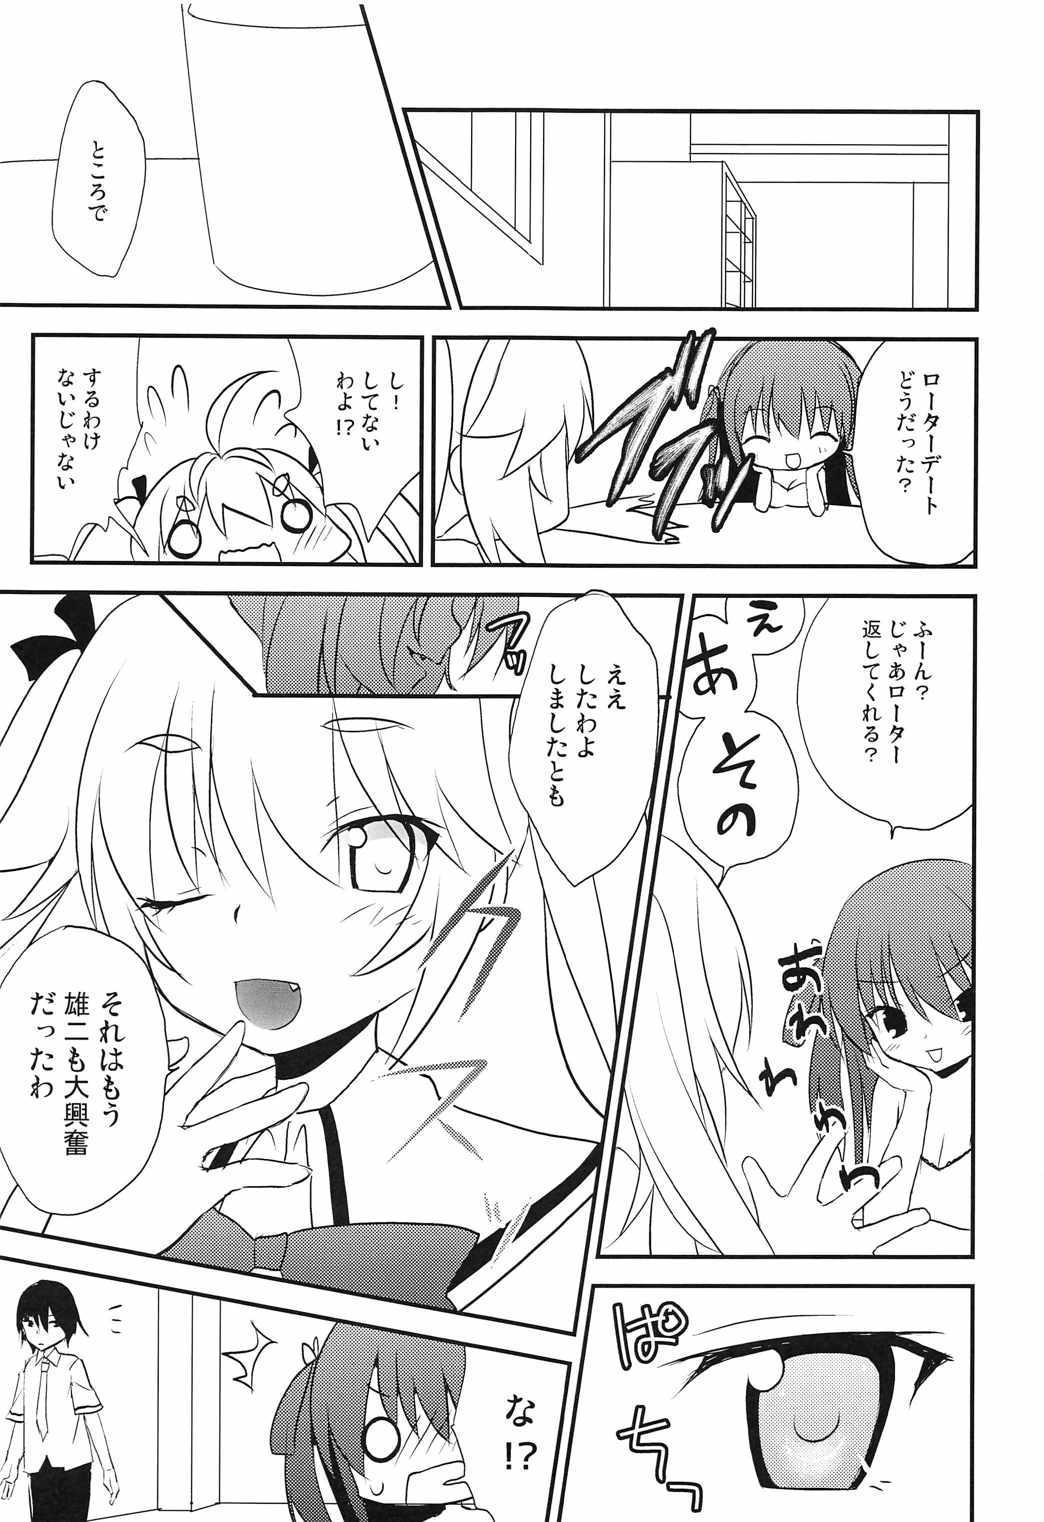 Michiru no Date Daisakusen 17